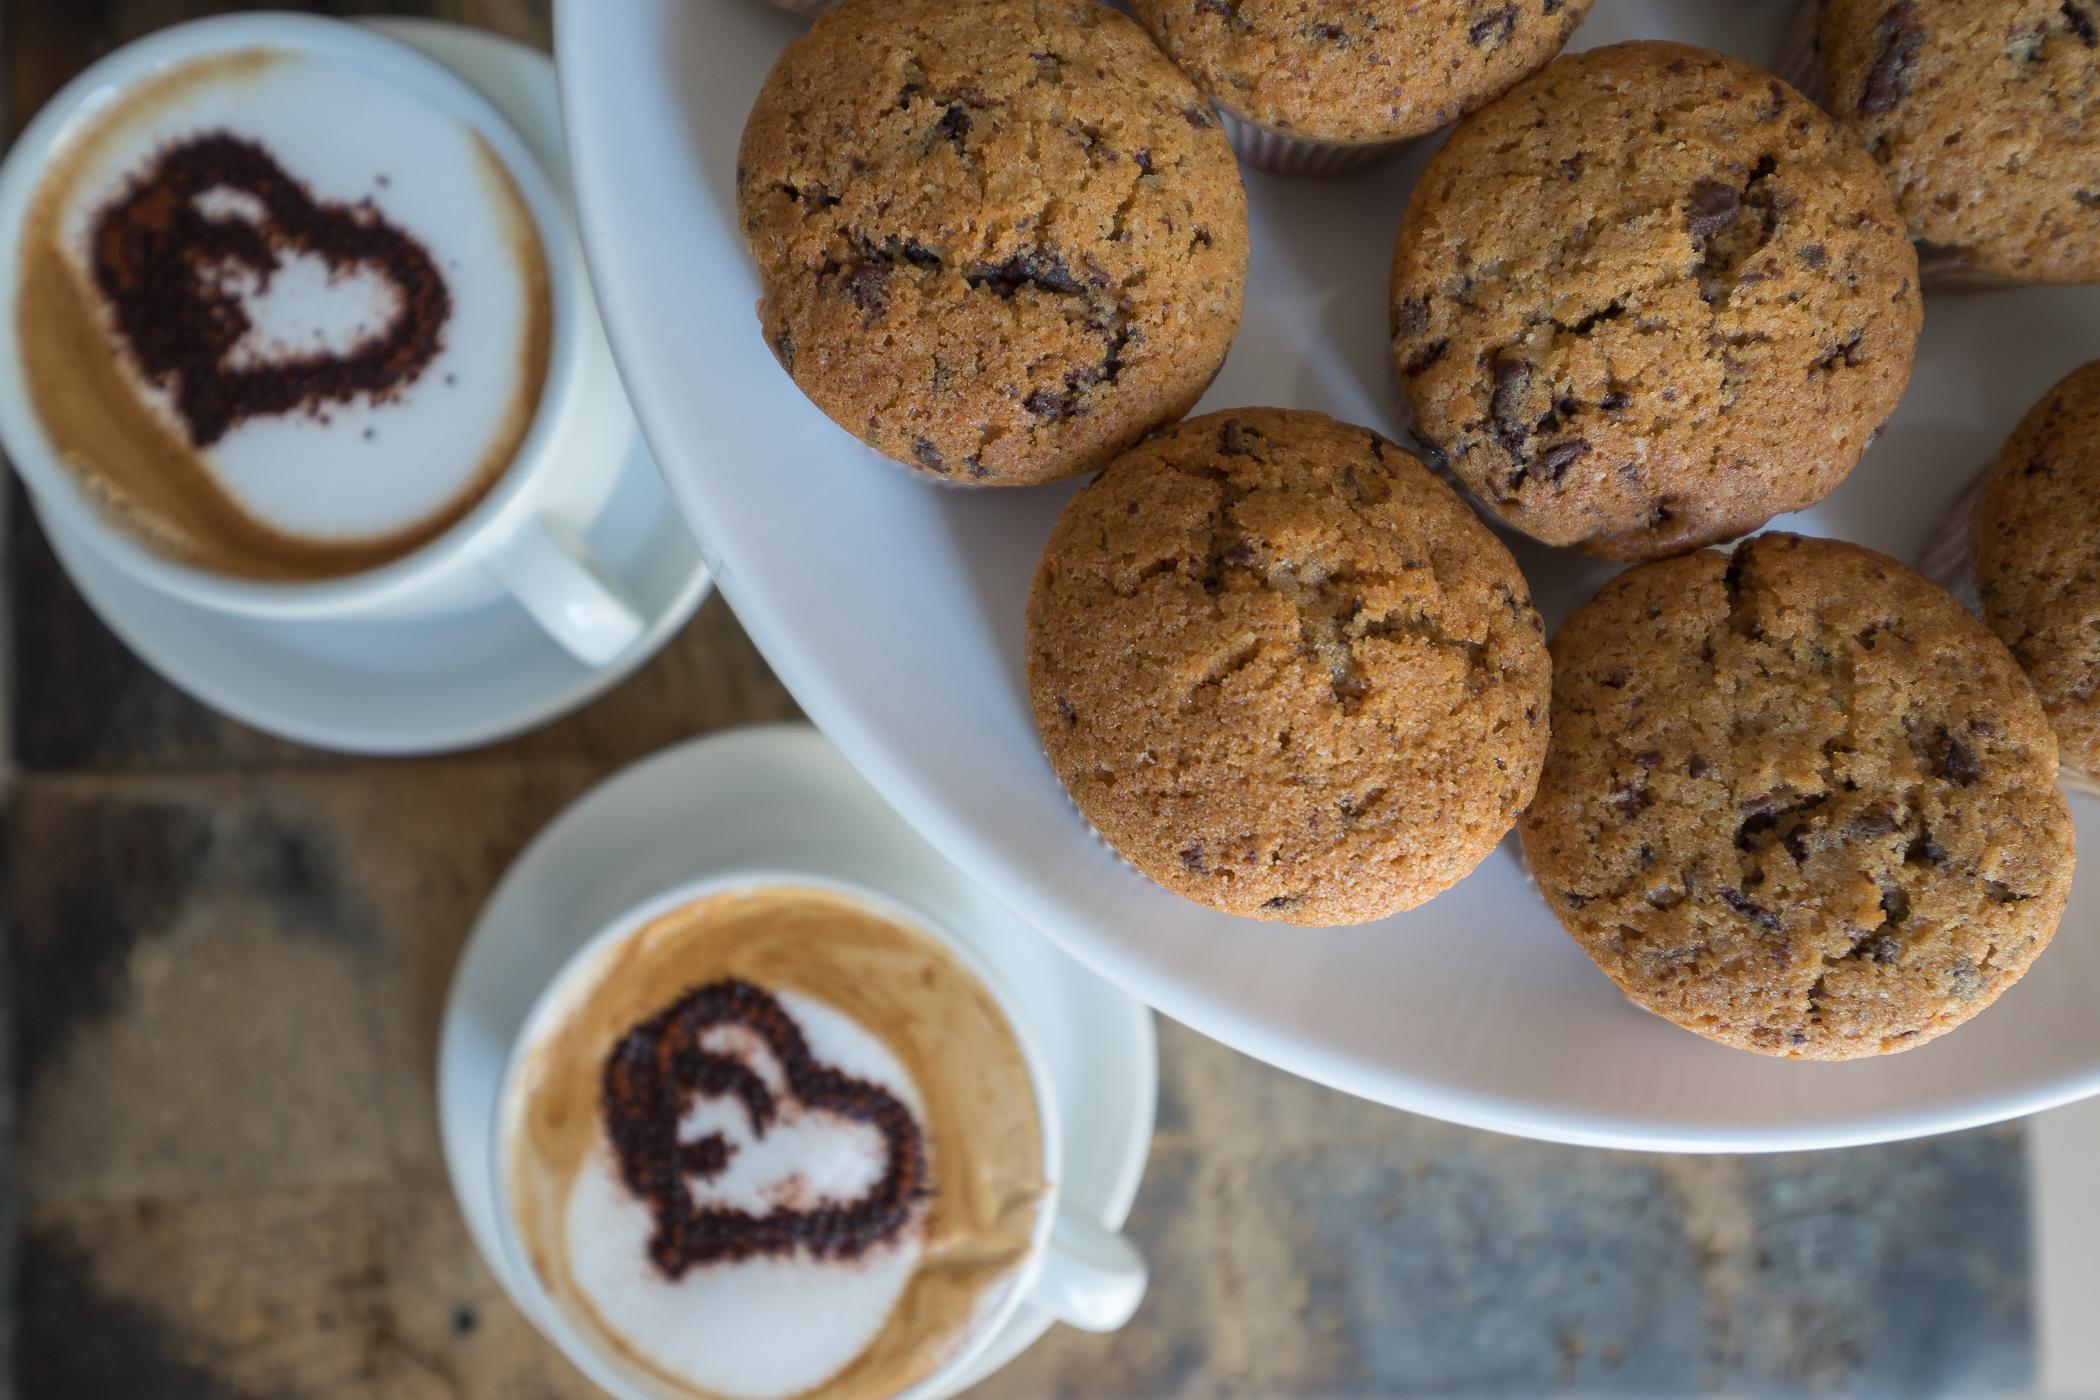 I nostri muffin al cioccolato